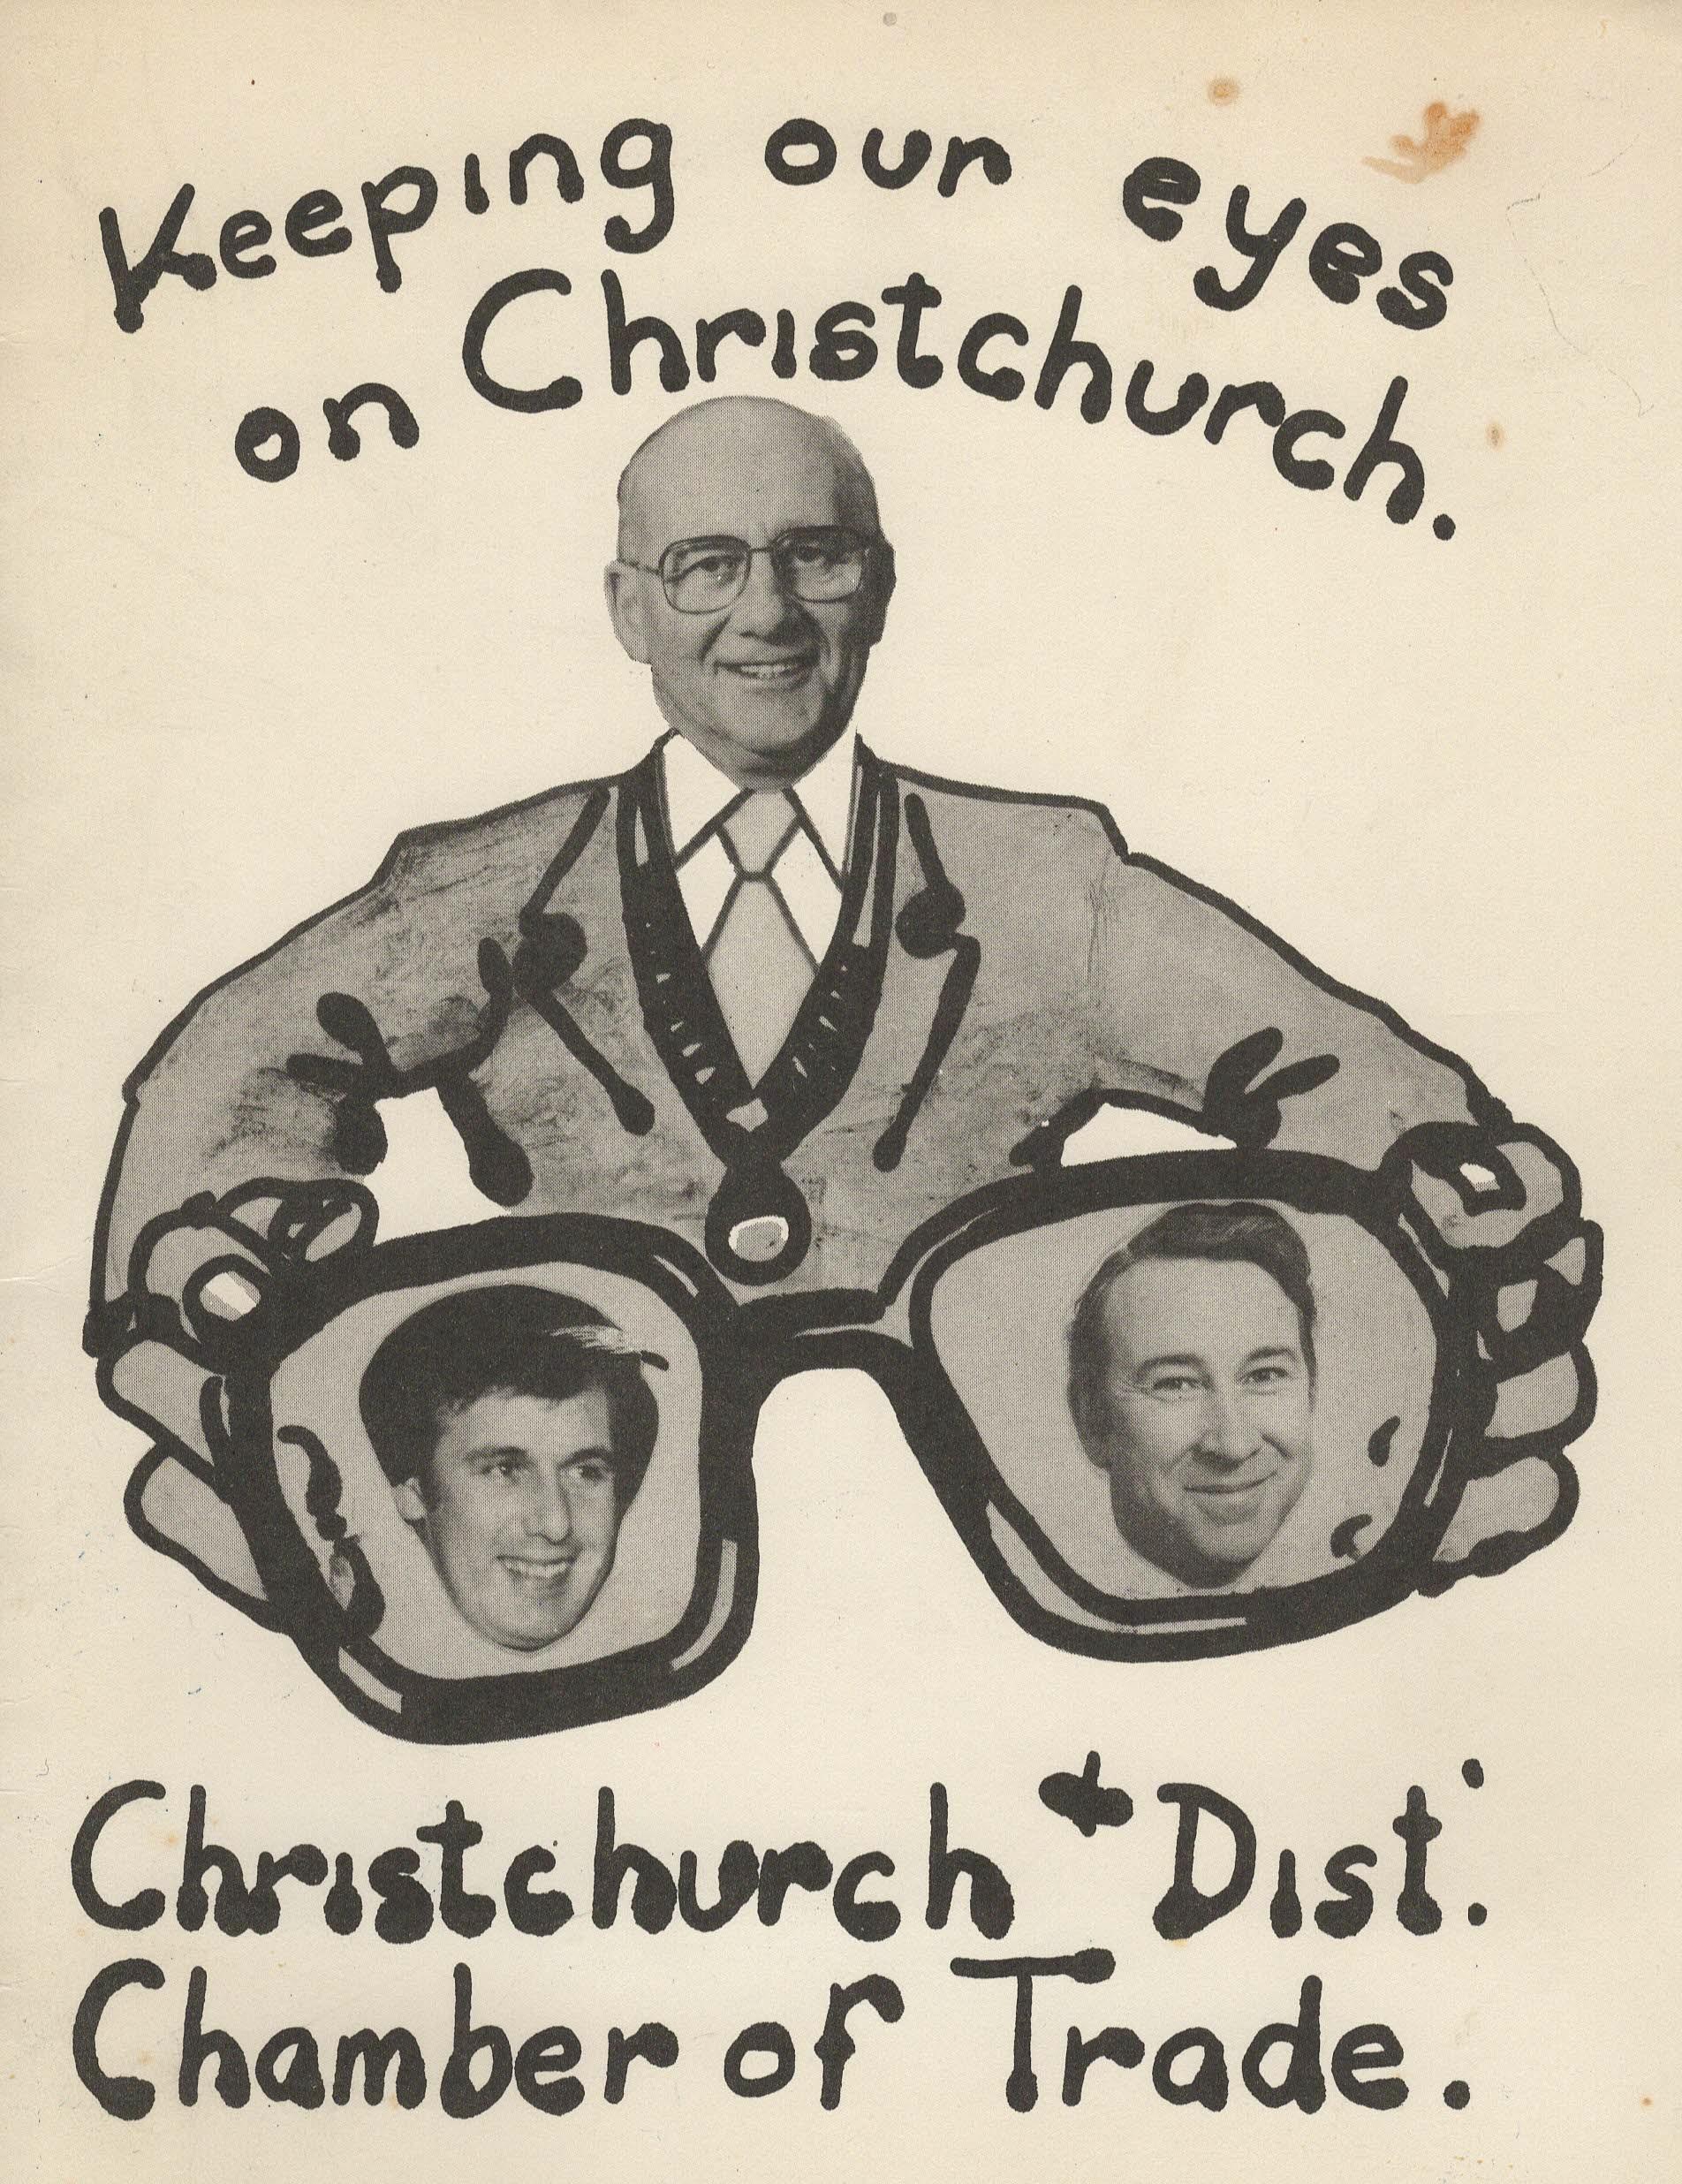 Joe shibley poster